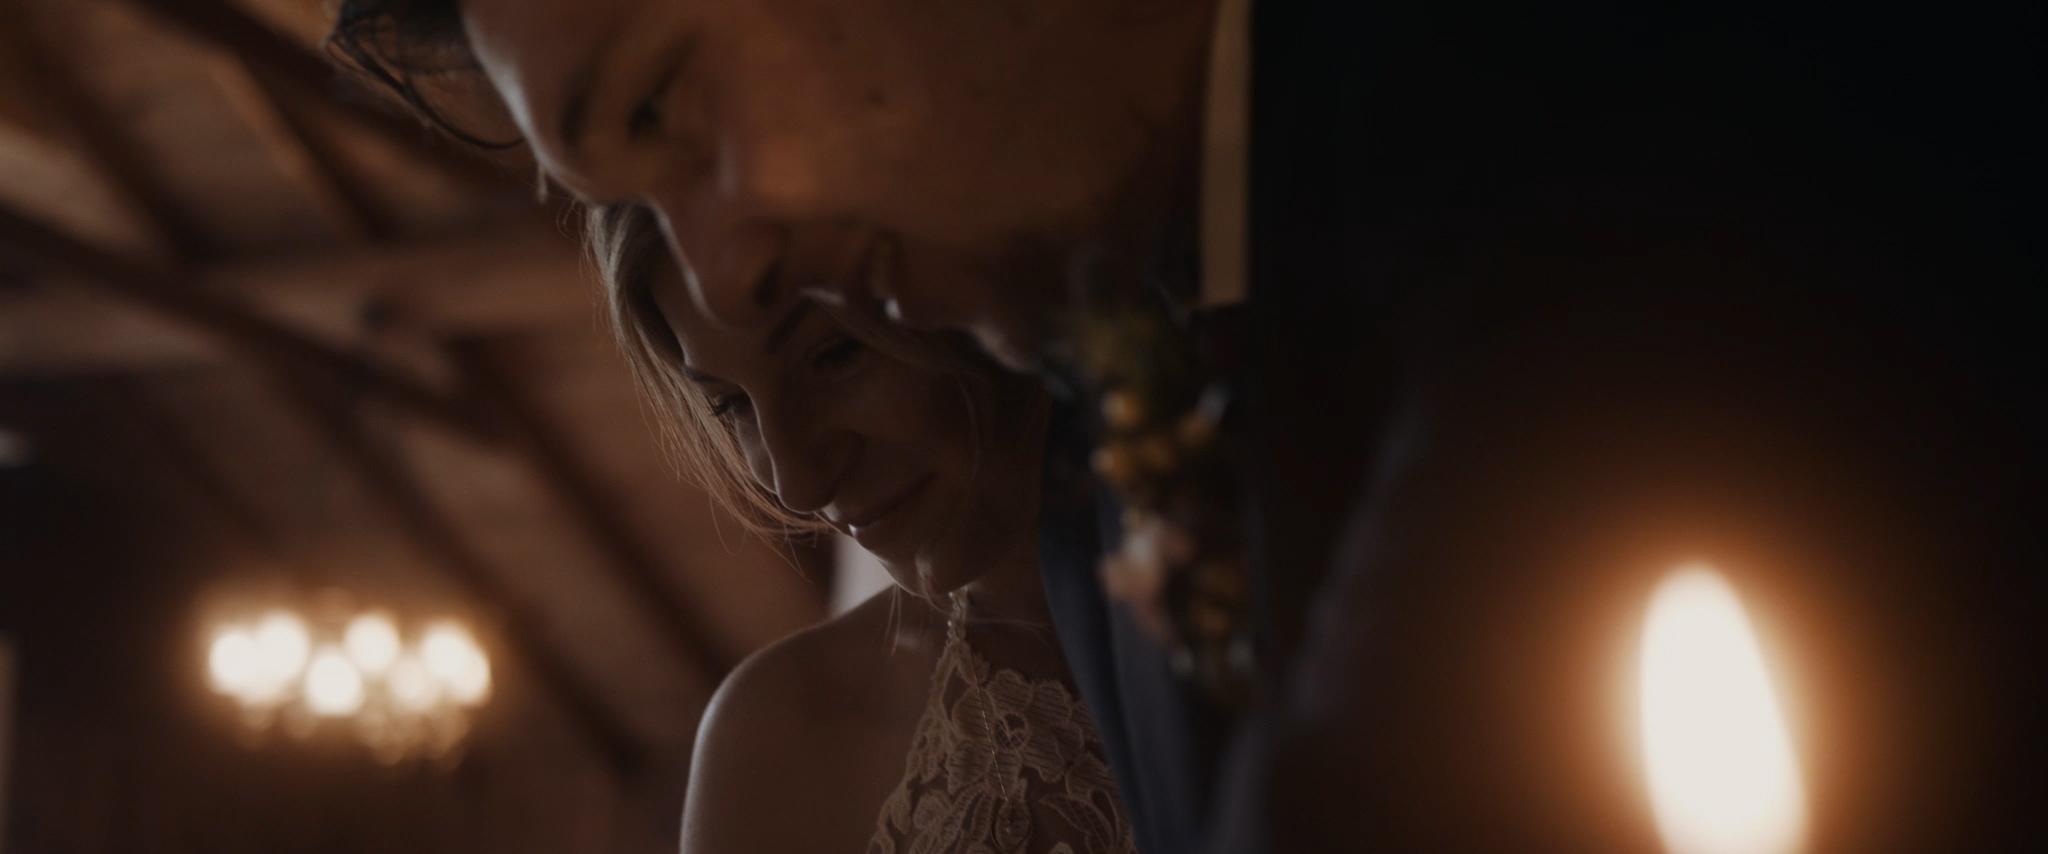 HAVENS_Wedding_Film.00_05_57_09.Still063.jpg